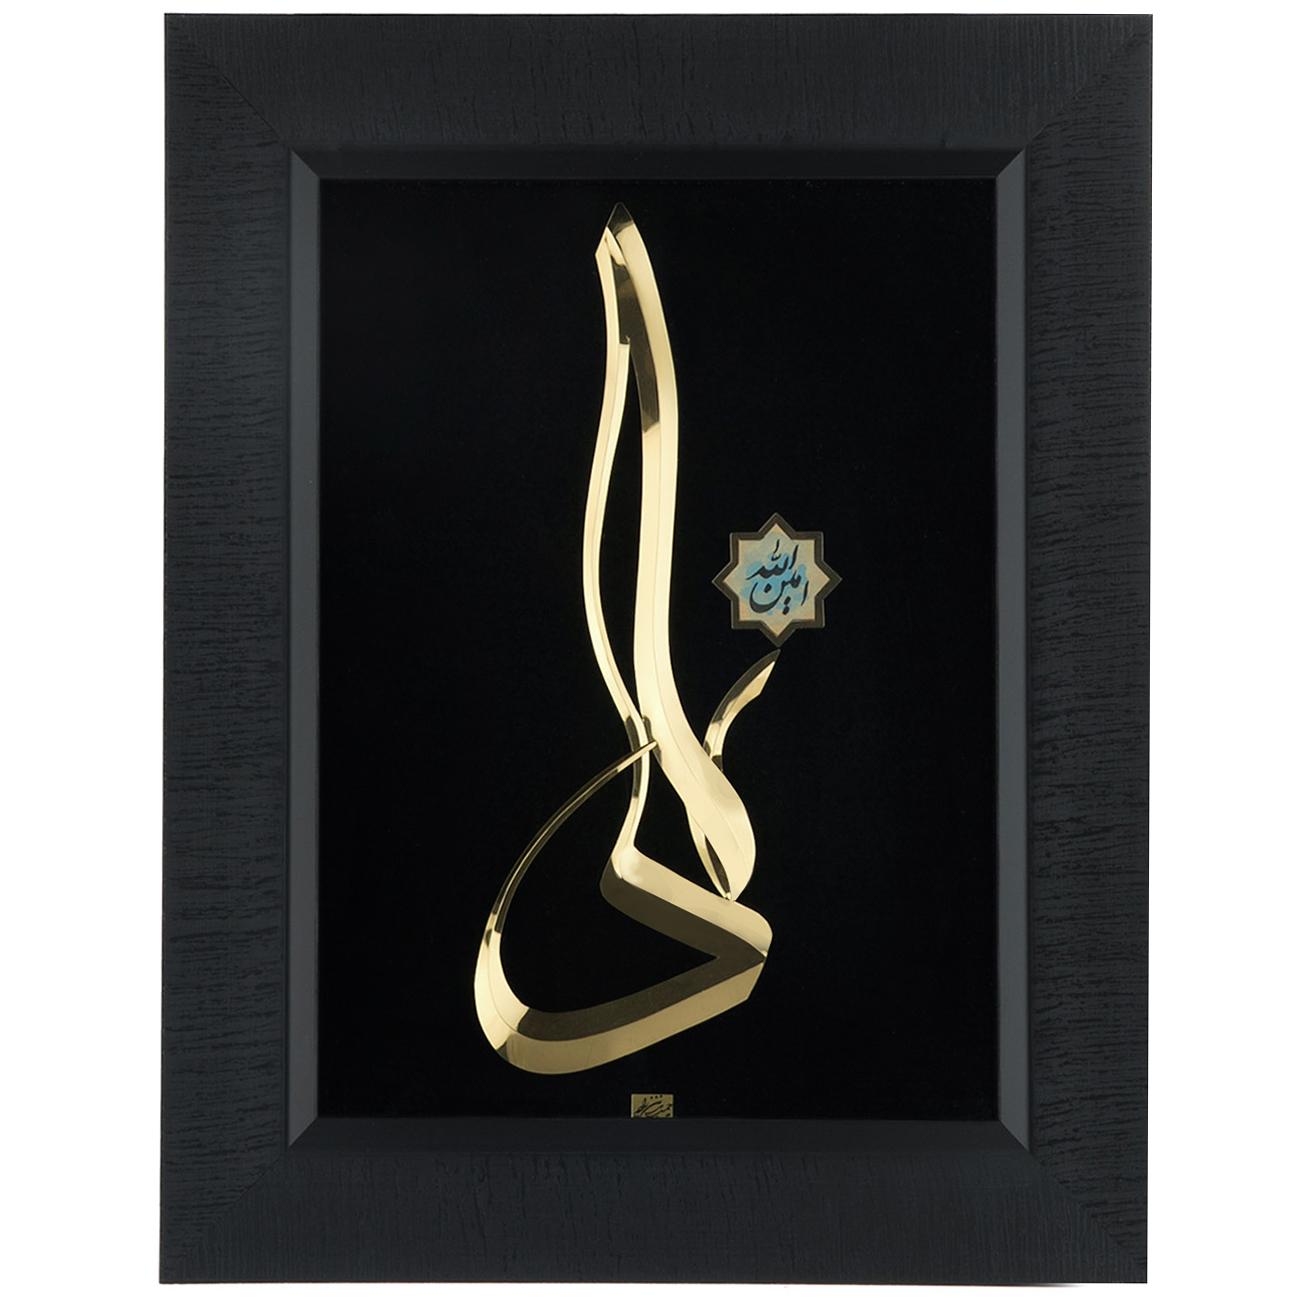 تابلو بزرگ ورق طلایی علی امین الله مدل 007